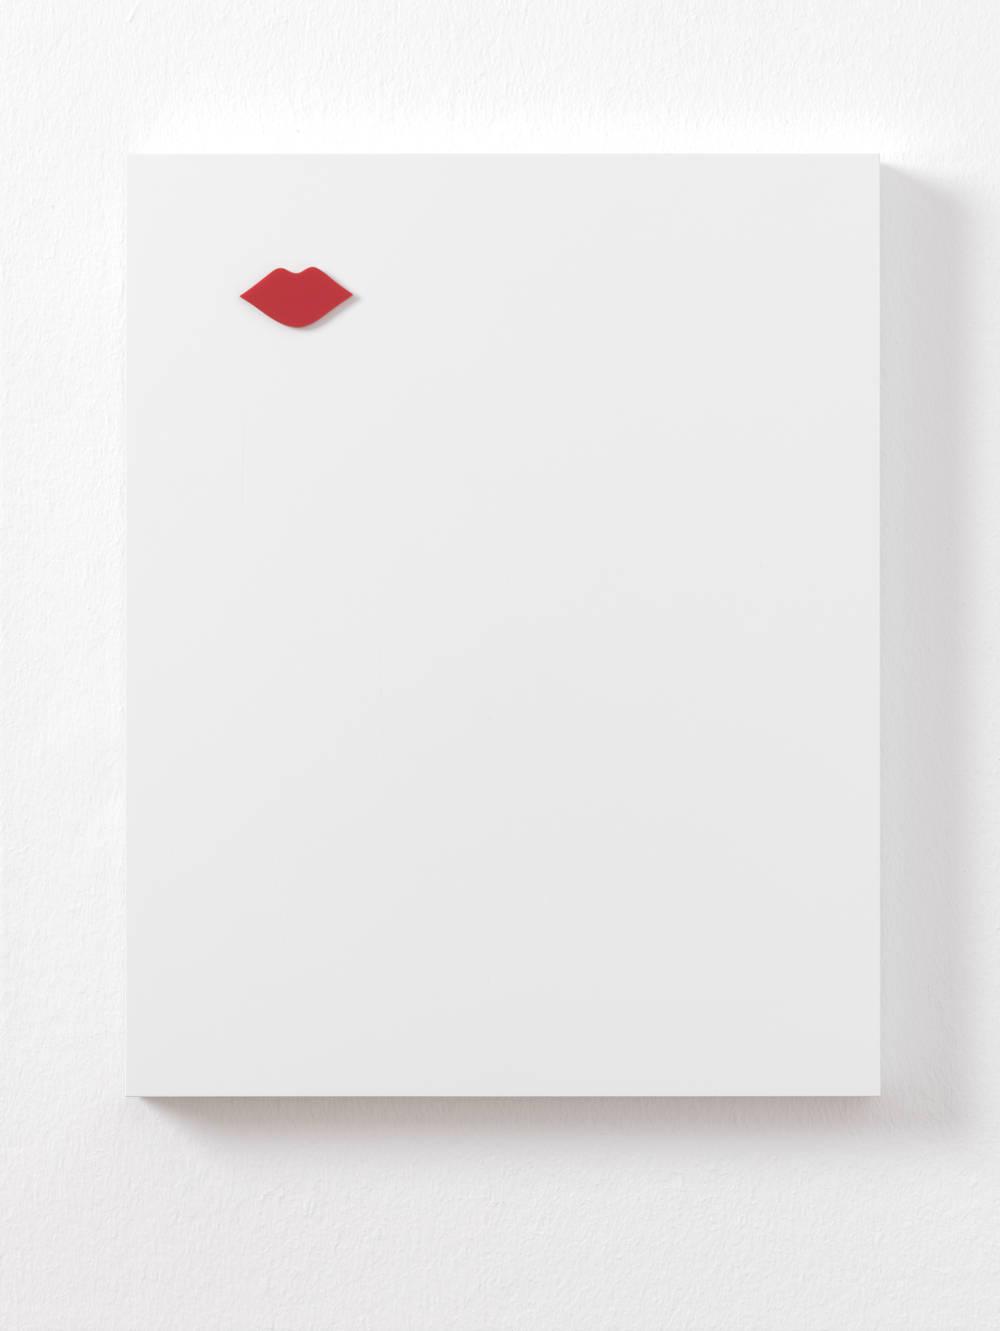 Gerwald Rockenschaub, Untitled (Relief), 2018. Acrylglas, MDF lackiert 50 x 40 x 3 cm (19,69 x 15,75 x 1,18 in) Courtesy Galerie Thaddaeus Ropac, London / Paris / Salzburg © Gerwald Rockenschaub. Photo: Ben Westoby